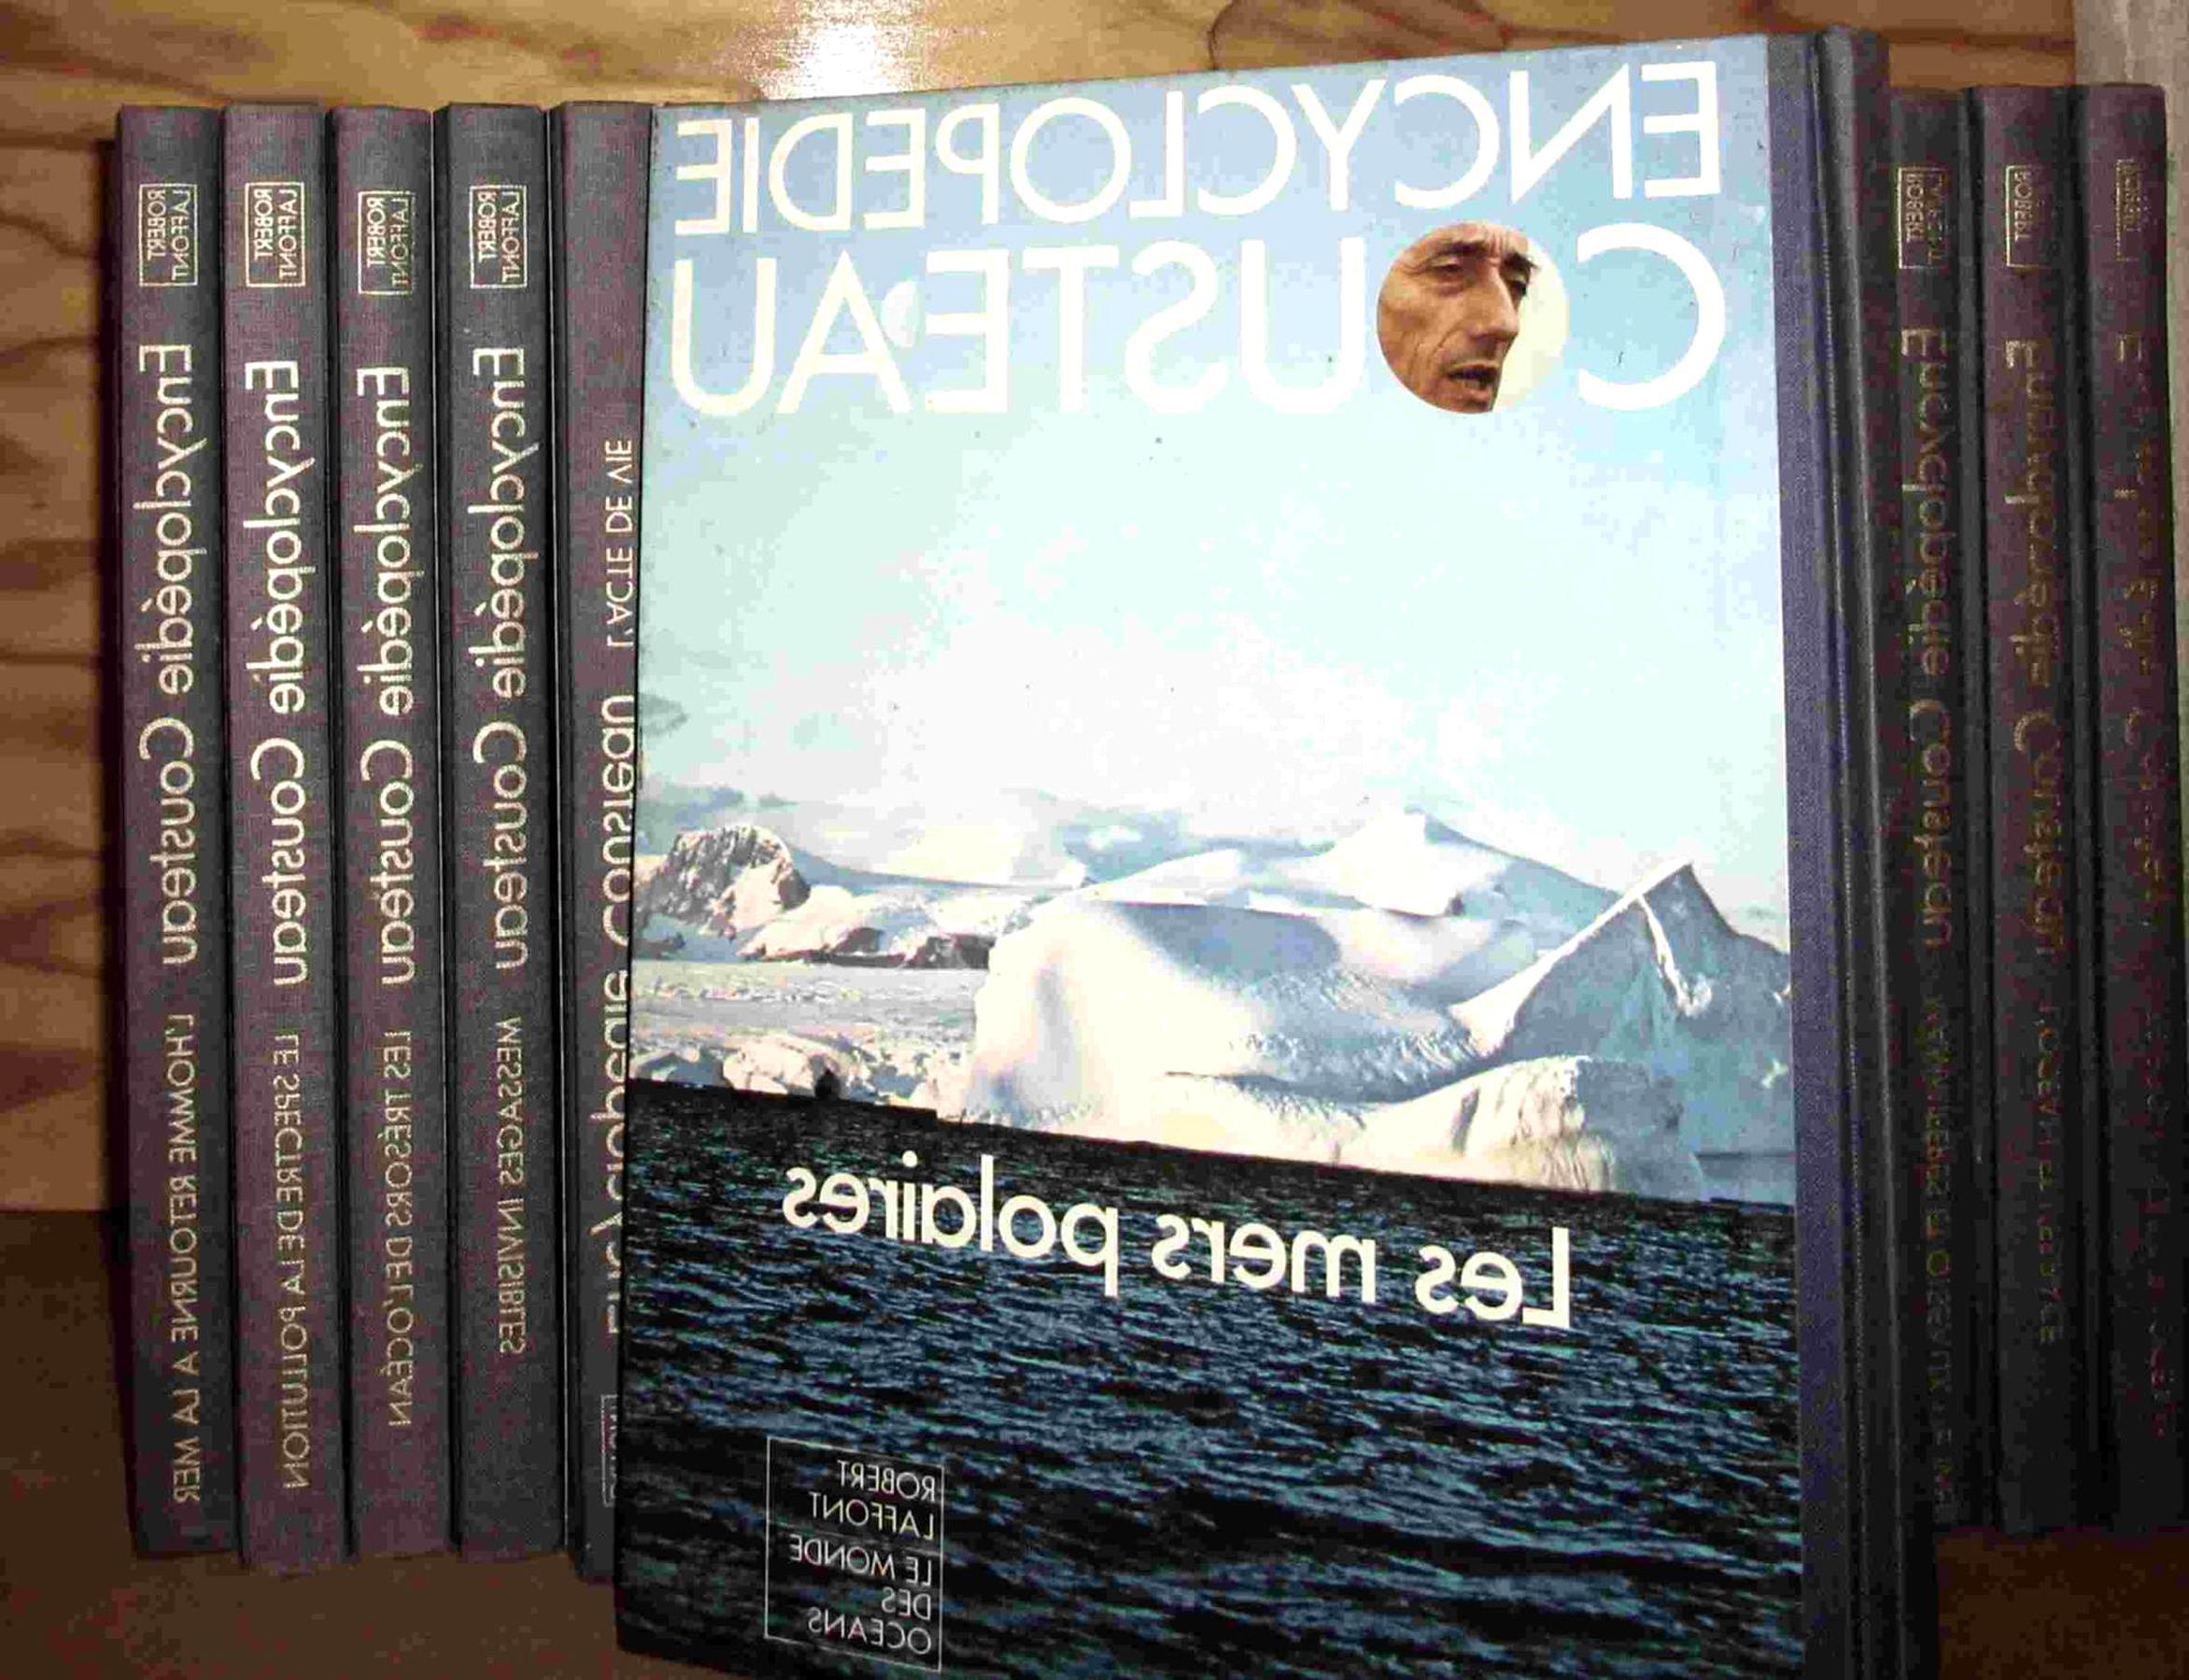 encyclopedie cousteau d'occasion